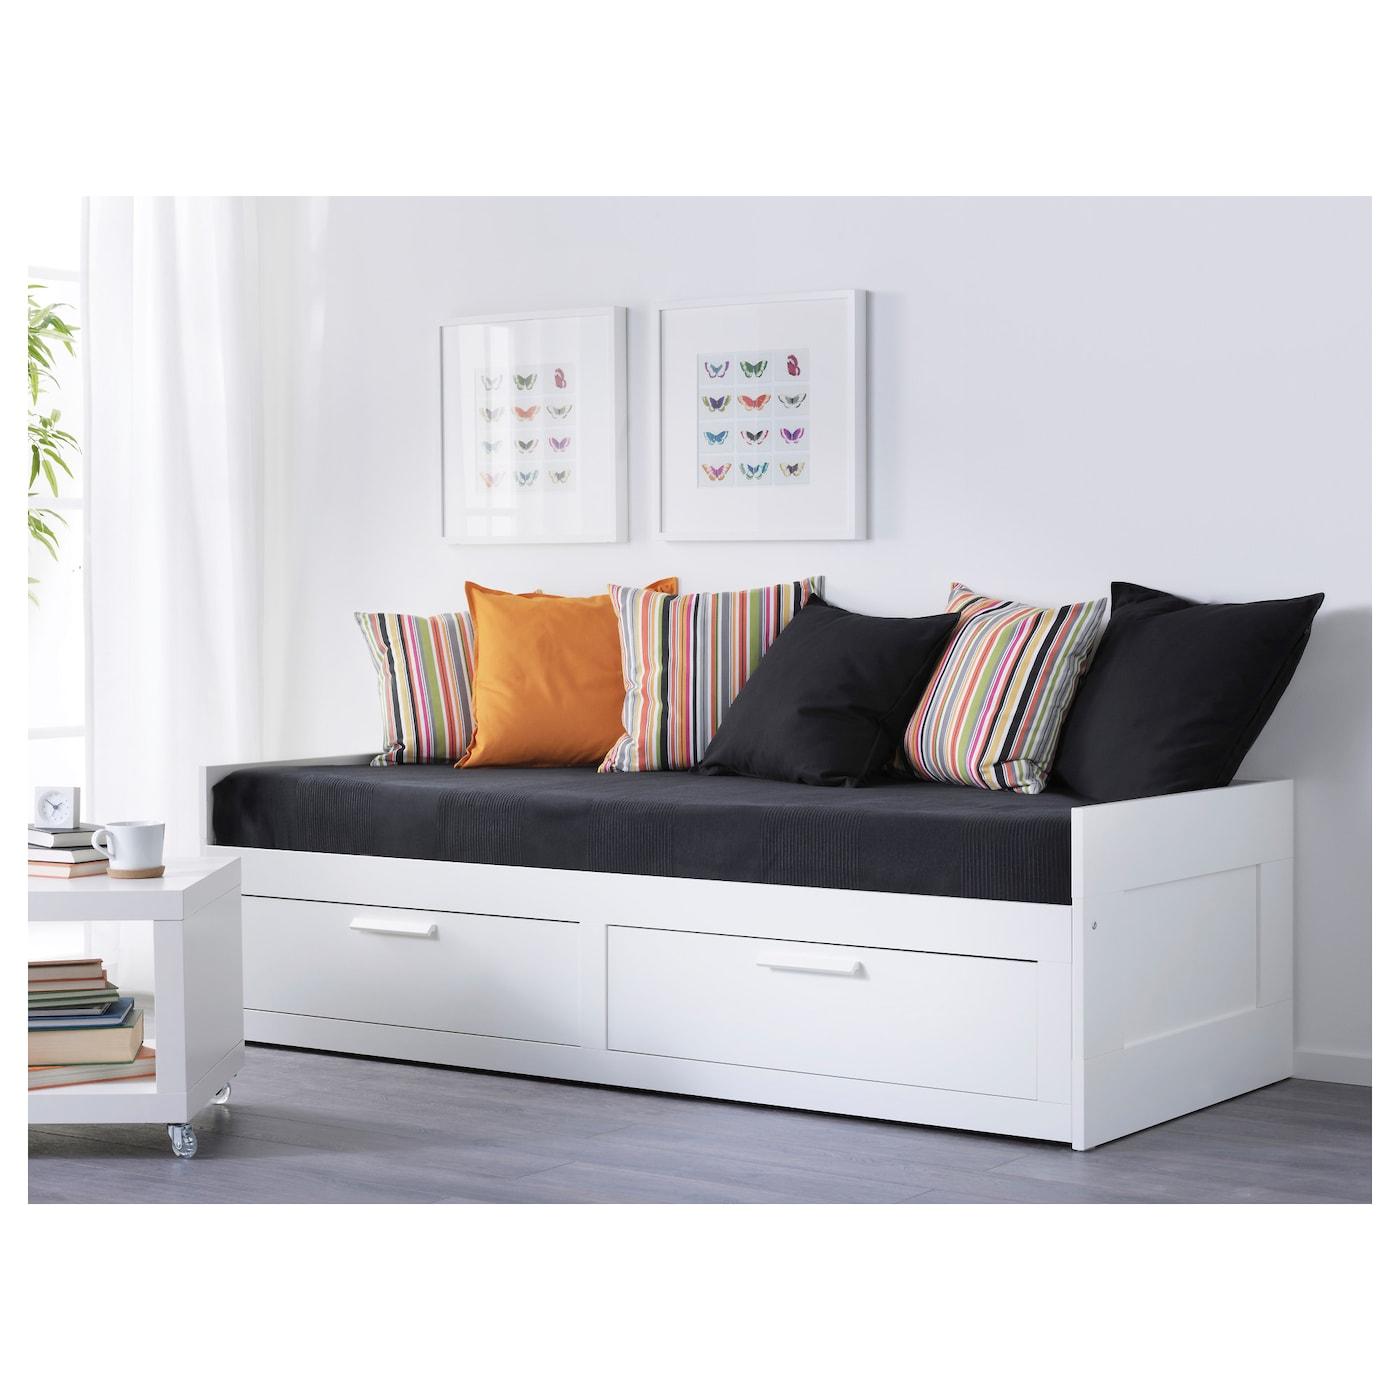 brimnes bedbank met 2 lades wit 80x200 cm ikea. Black Bedroom Furniture Sets. Home Design Ideas